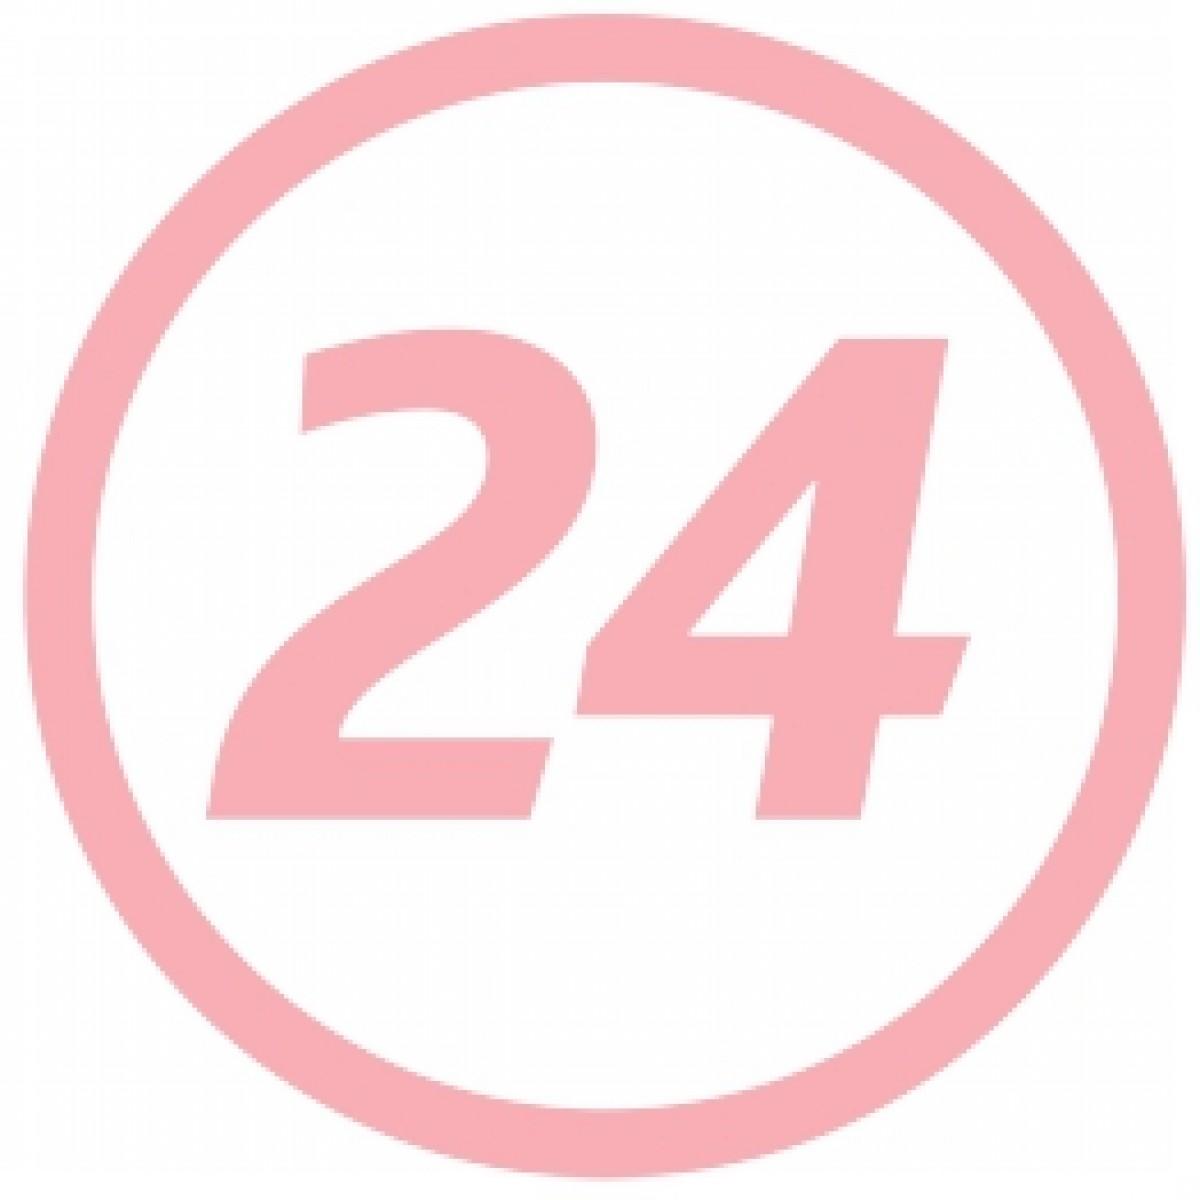 Doppelherz Aktiv A-Z Vitamine + Minerale + Microelemente Tablete Efervescente, Tablete, 15buc